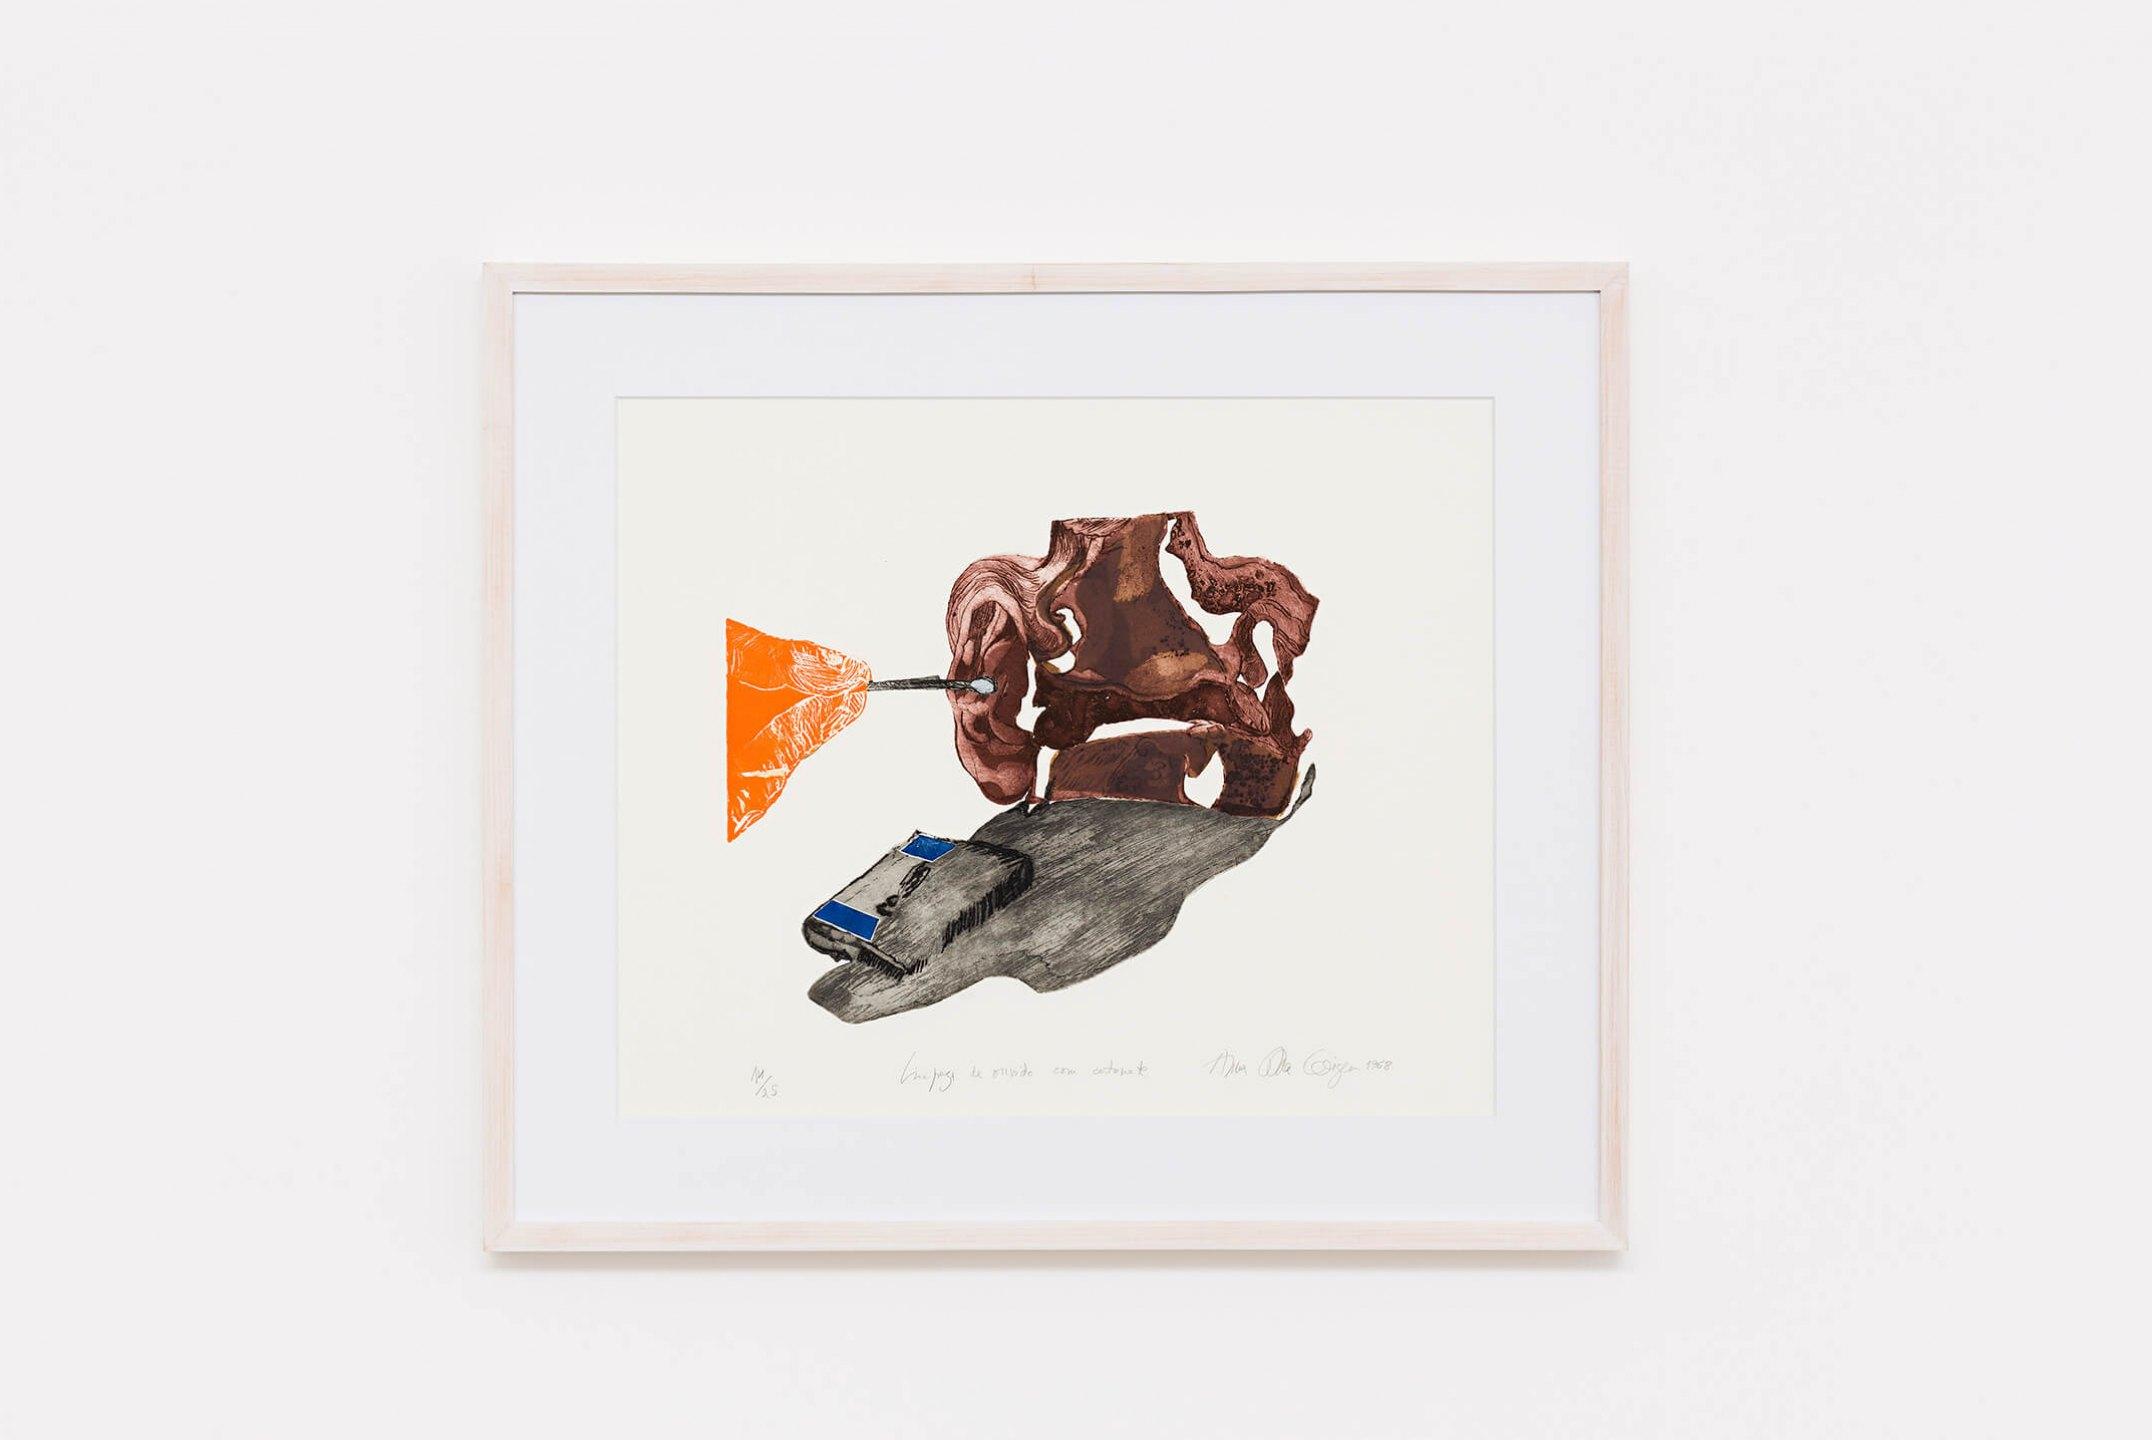 Anna Bella Geiger, <em>Limpeza do ouvido com cotonete, from Viscerais series</em>, 1968, aquatint, aquafortis and relief, 56 × 71,5 cm - Mendes Wood DM